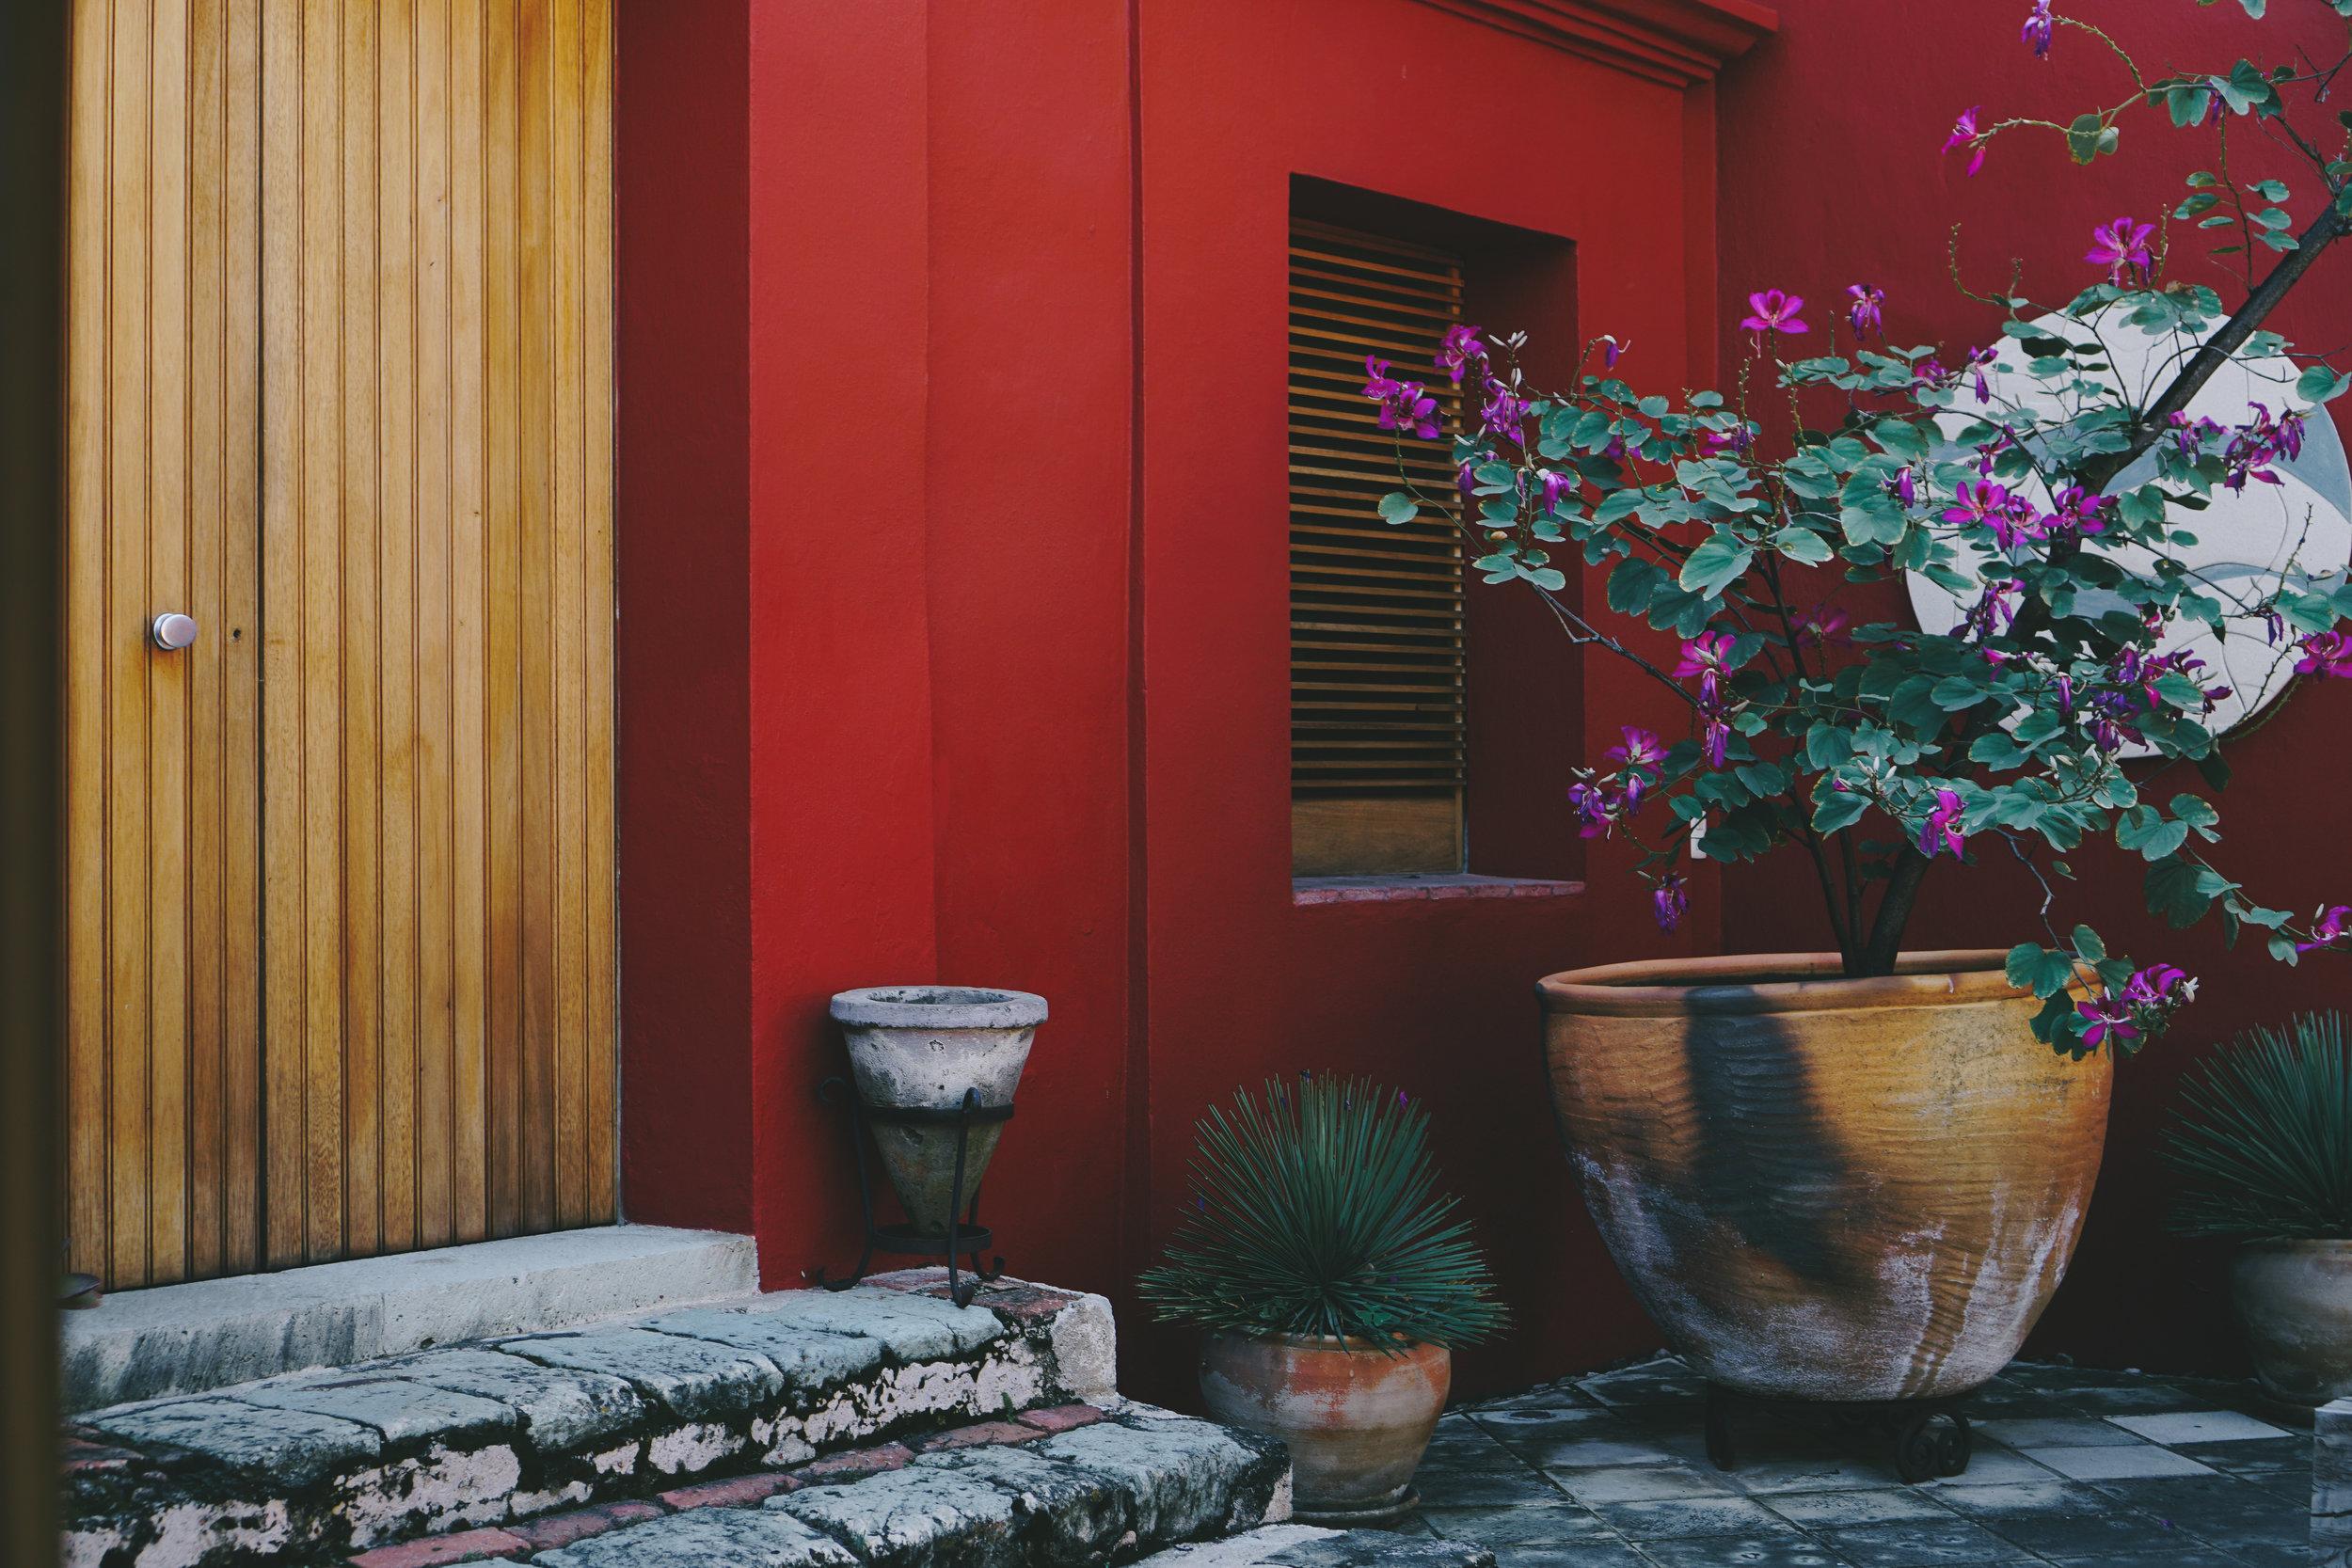 Insiders Guide to Oaxaca - www.letsregale.com 13.jpg